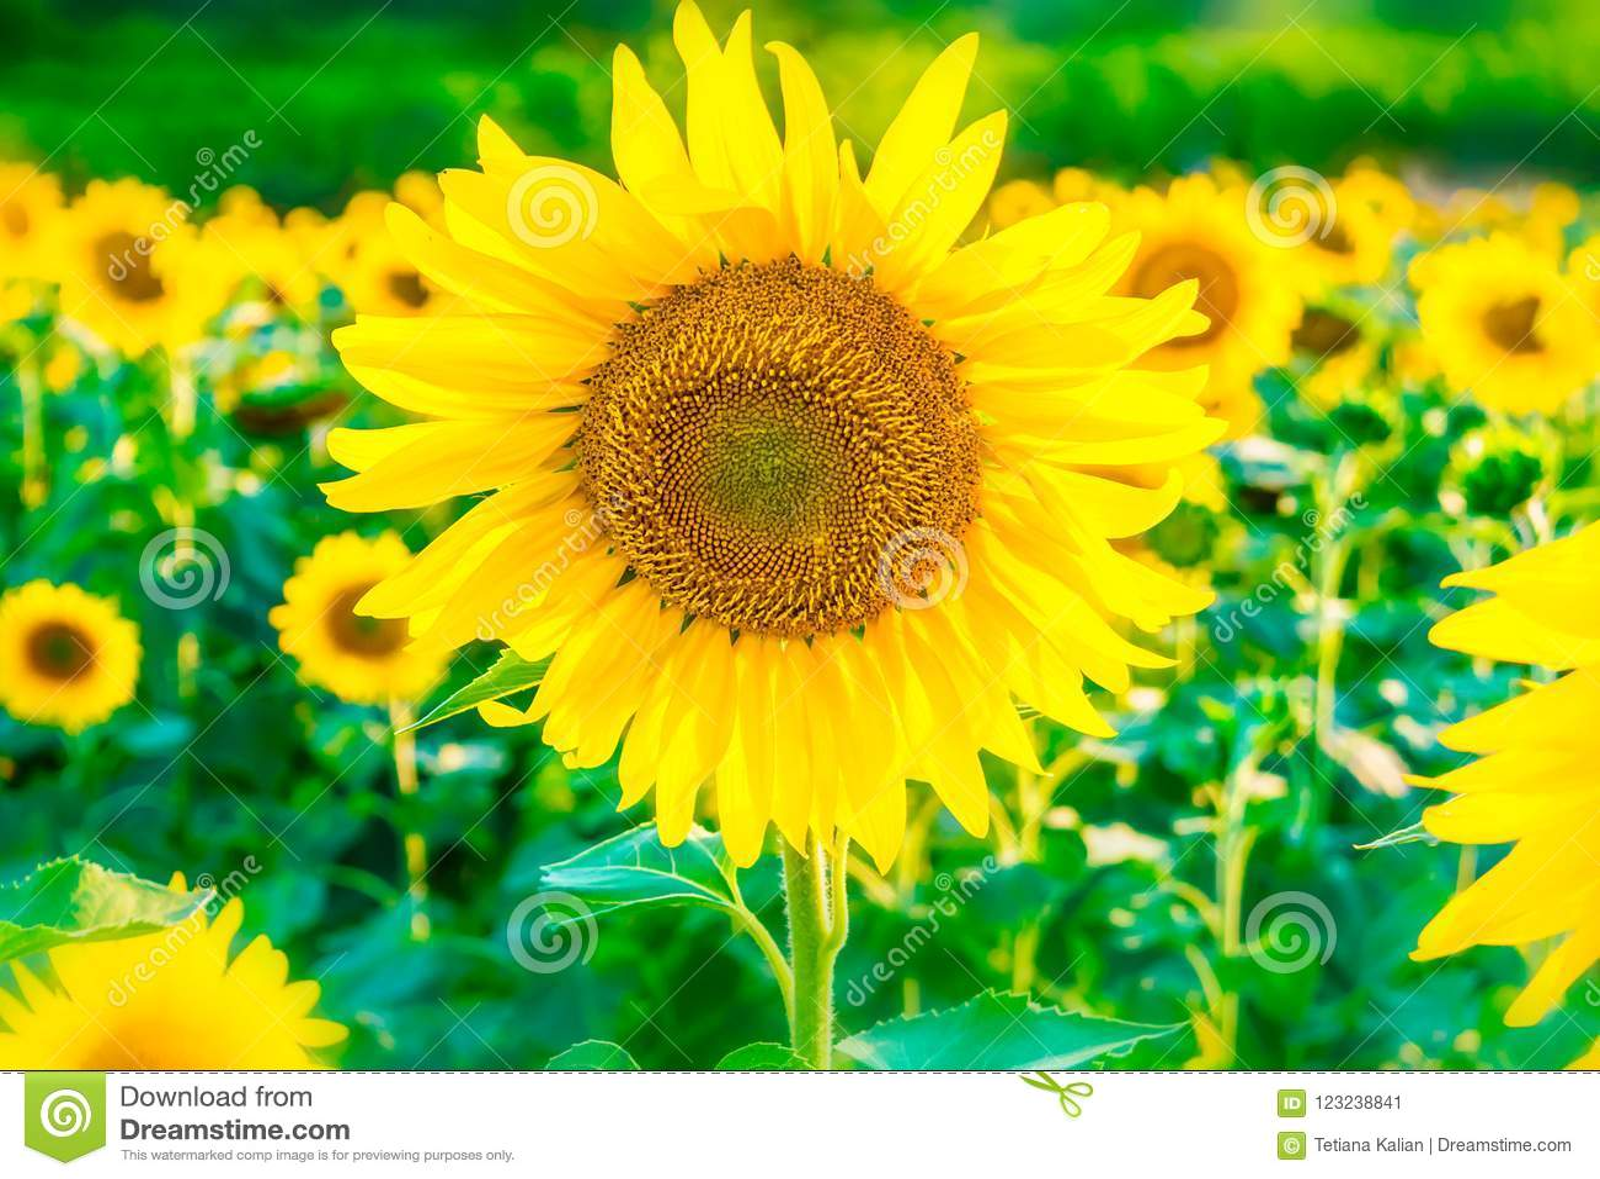 Beau fond lumineux de gisement de tournesol avec une grande fleur jaune de floraison au foyer